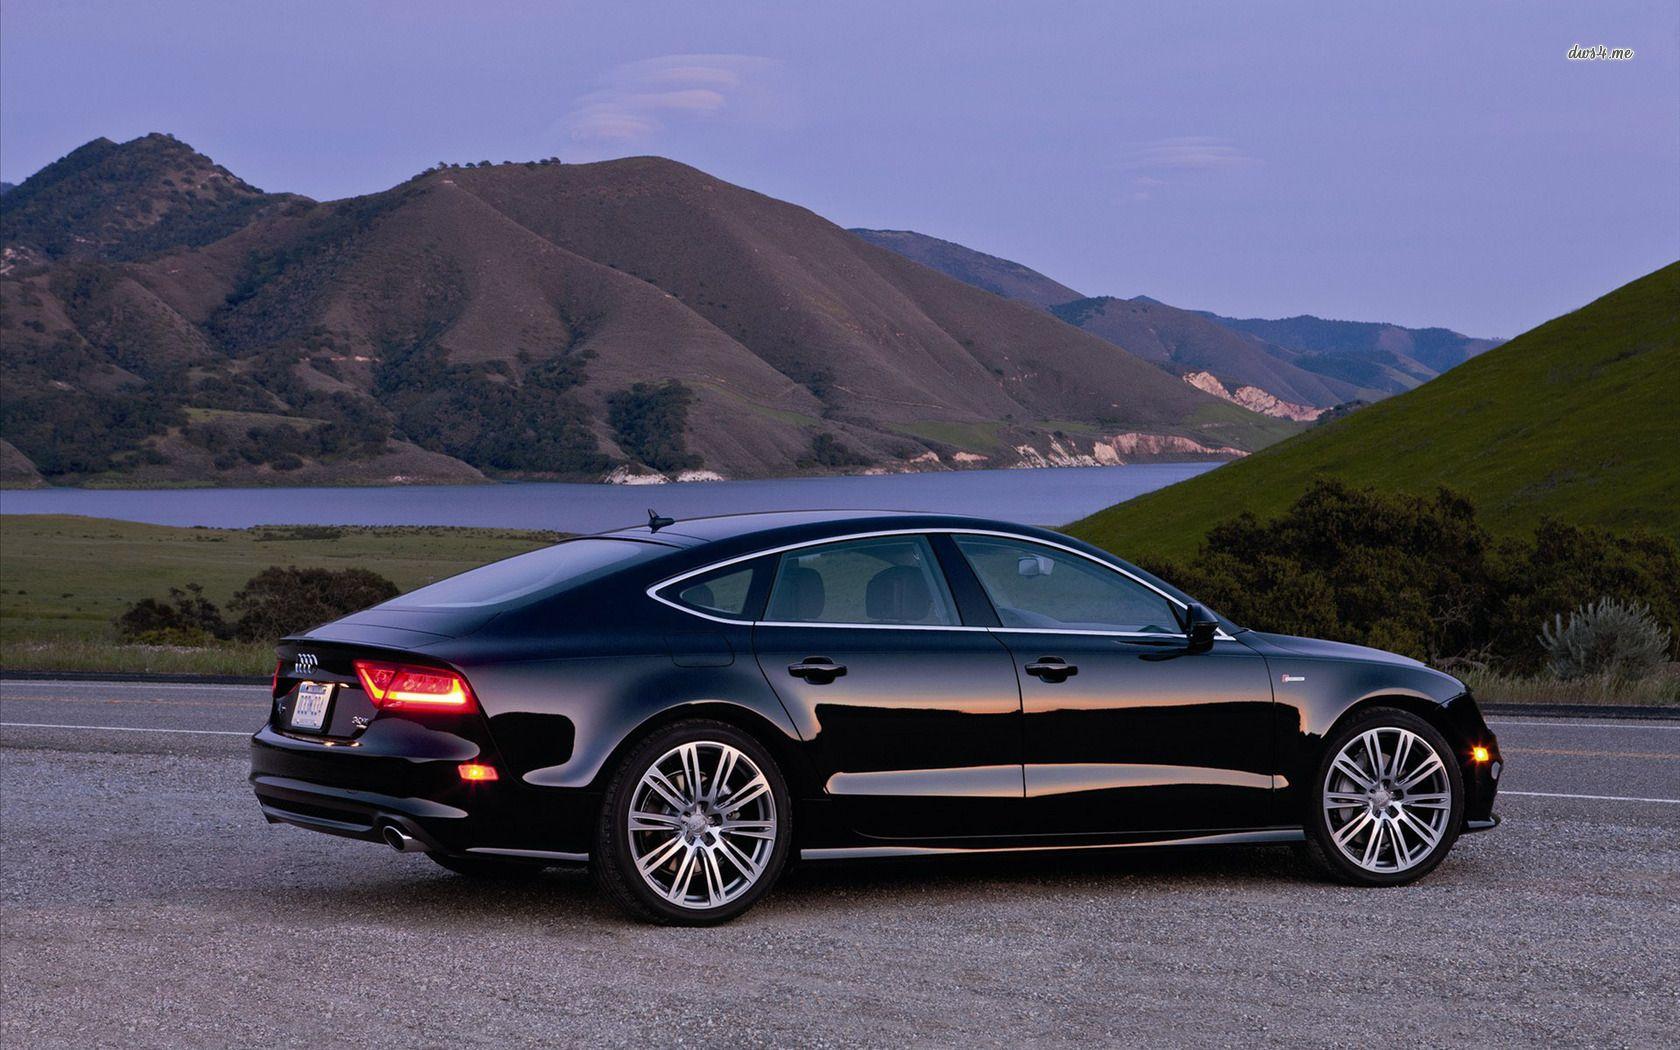 Kelebihan Kekurangan Audi A7 2015 Tangguh